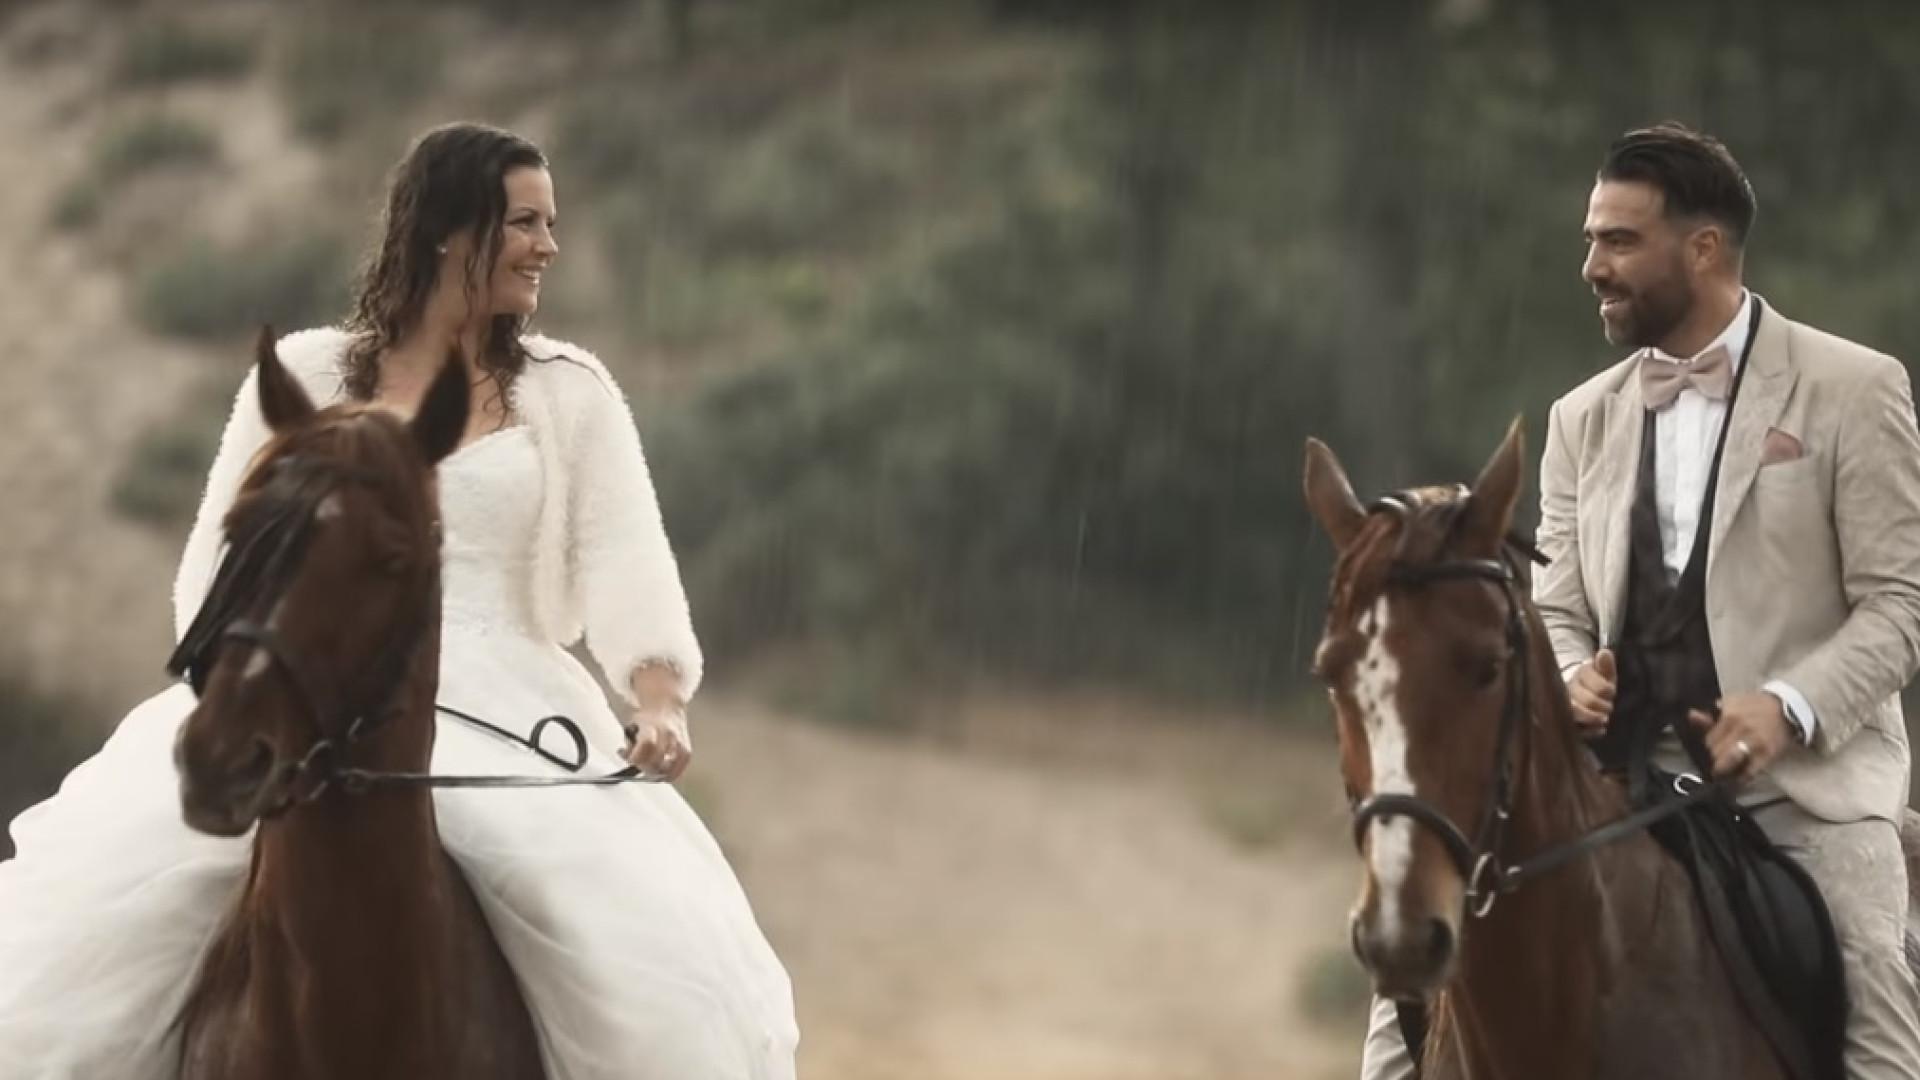 Eis o vídeo oficial do casamento de Sérgio Rosado. O desafio é não chorar